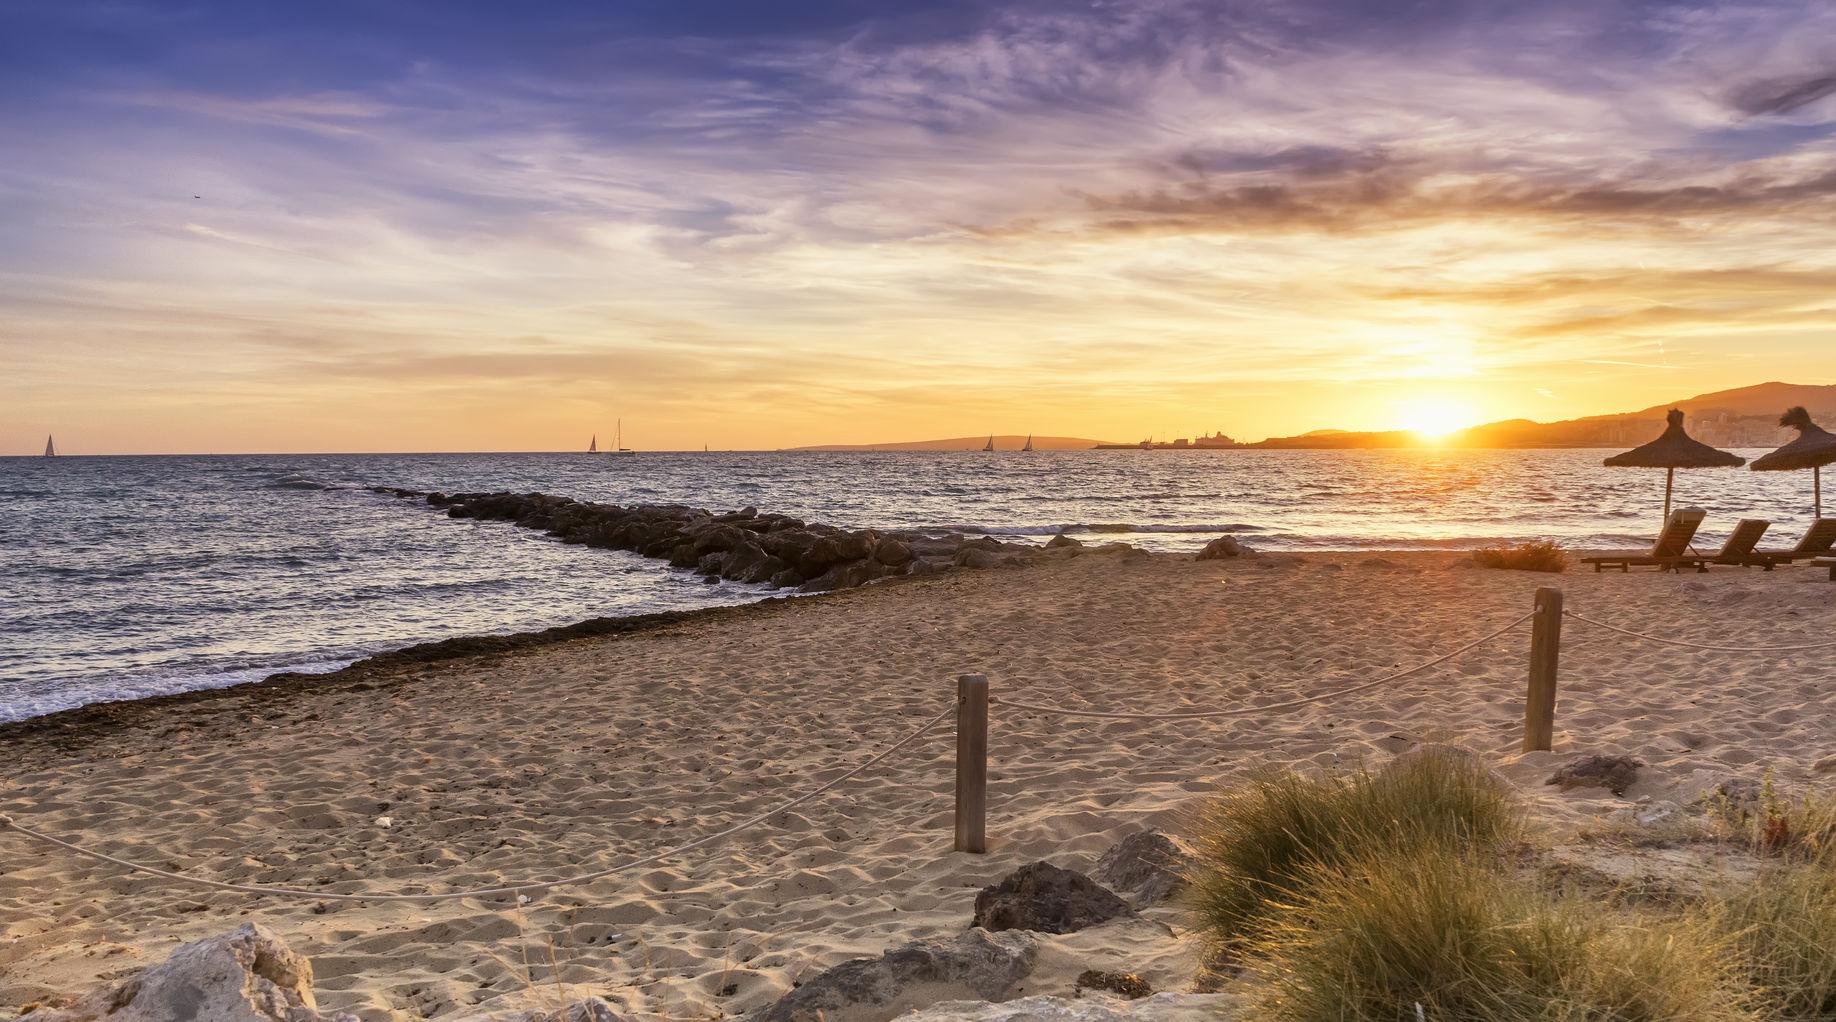 Schöner Sonnenuntergang am Strand von Mallorca